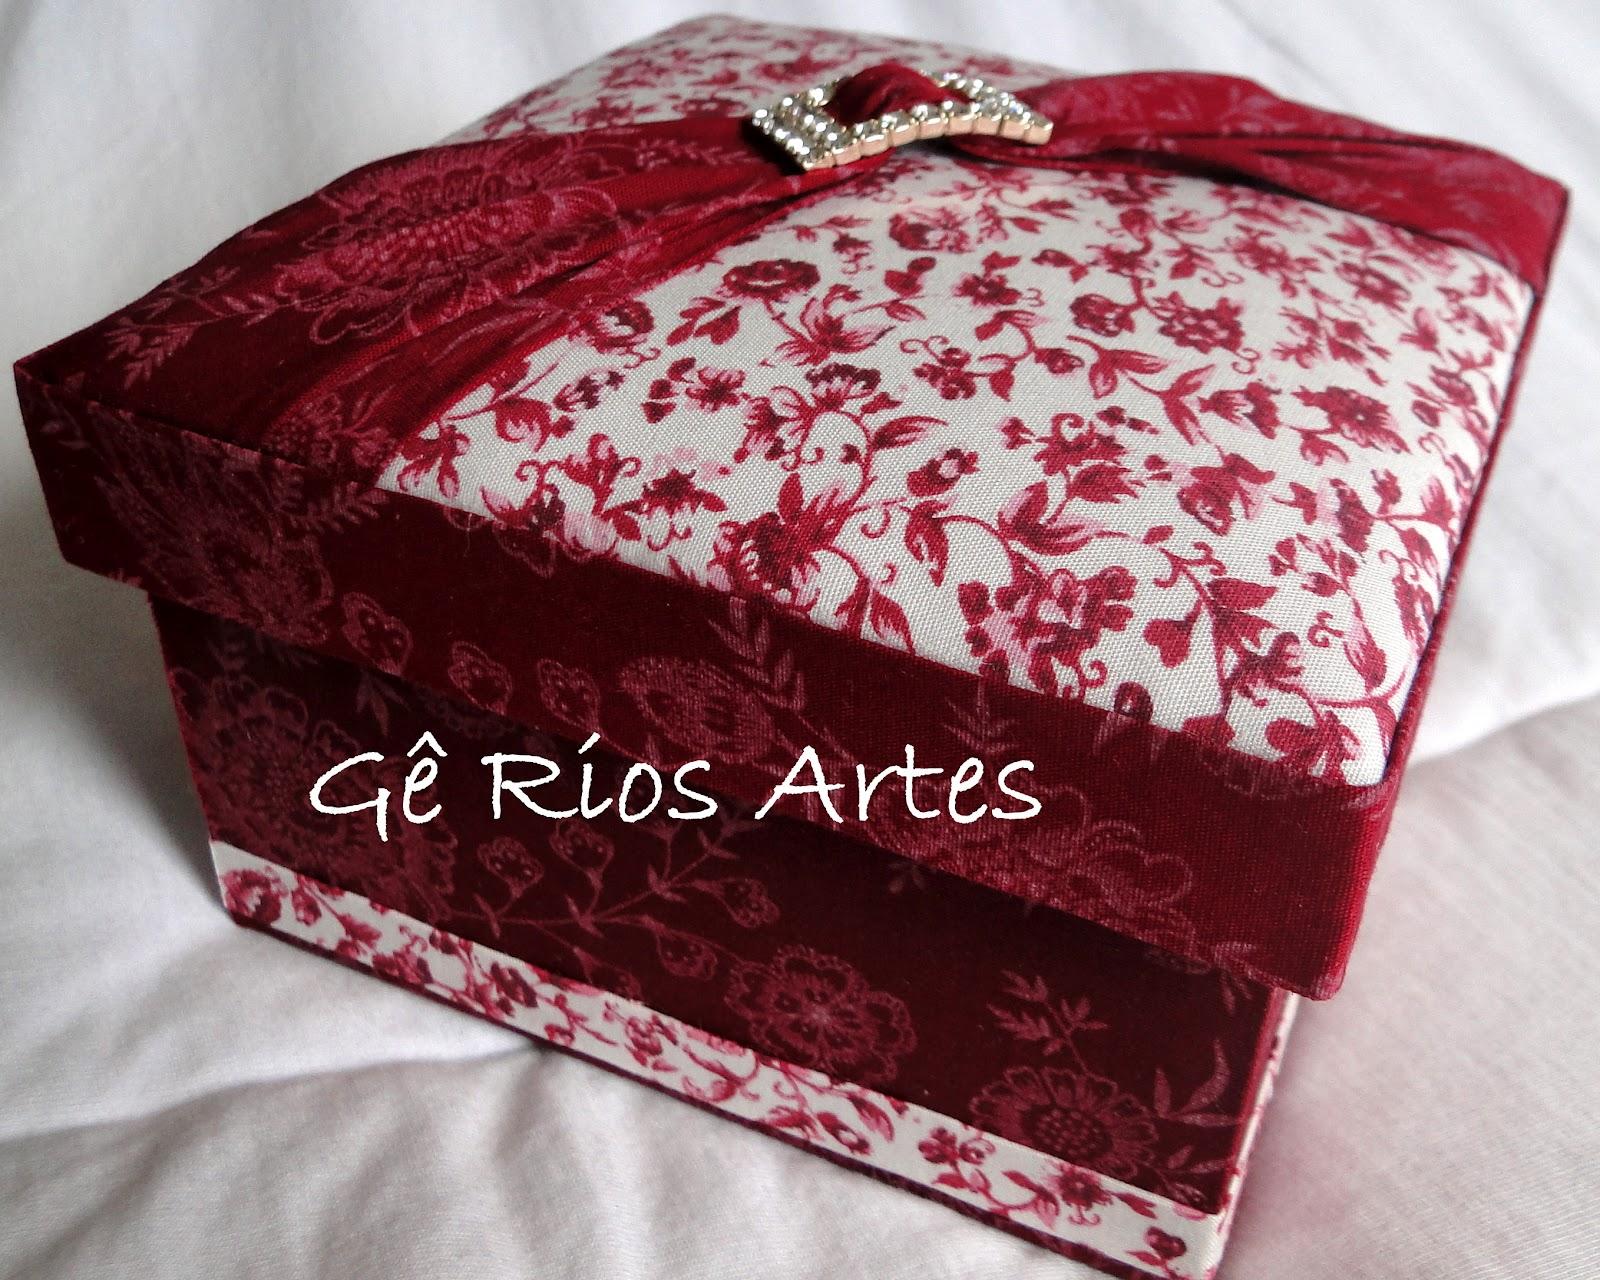 Artes Artesanato em tecido madeira e cartonagem: Caixa Porta Jóia #37090D 1600x1280